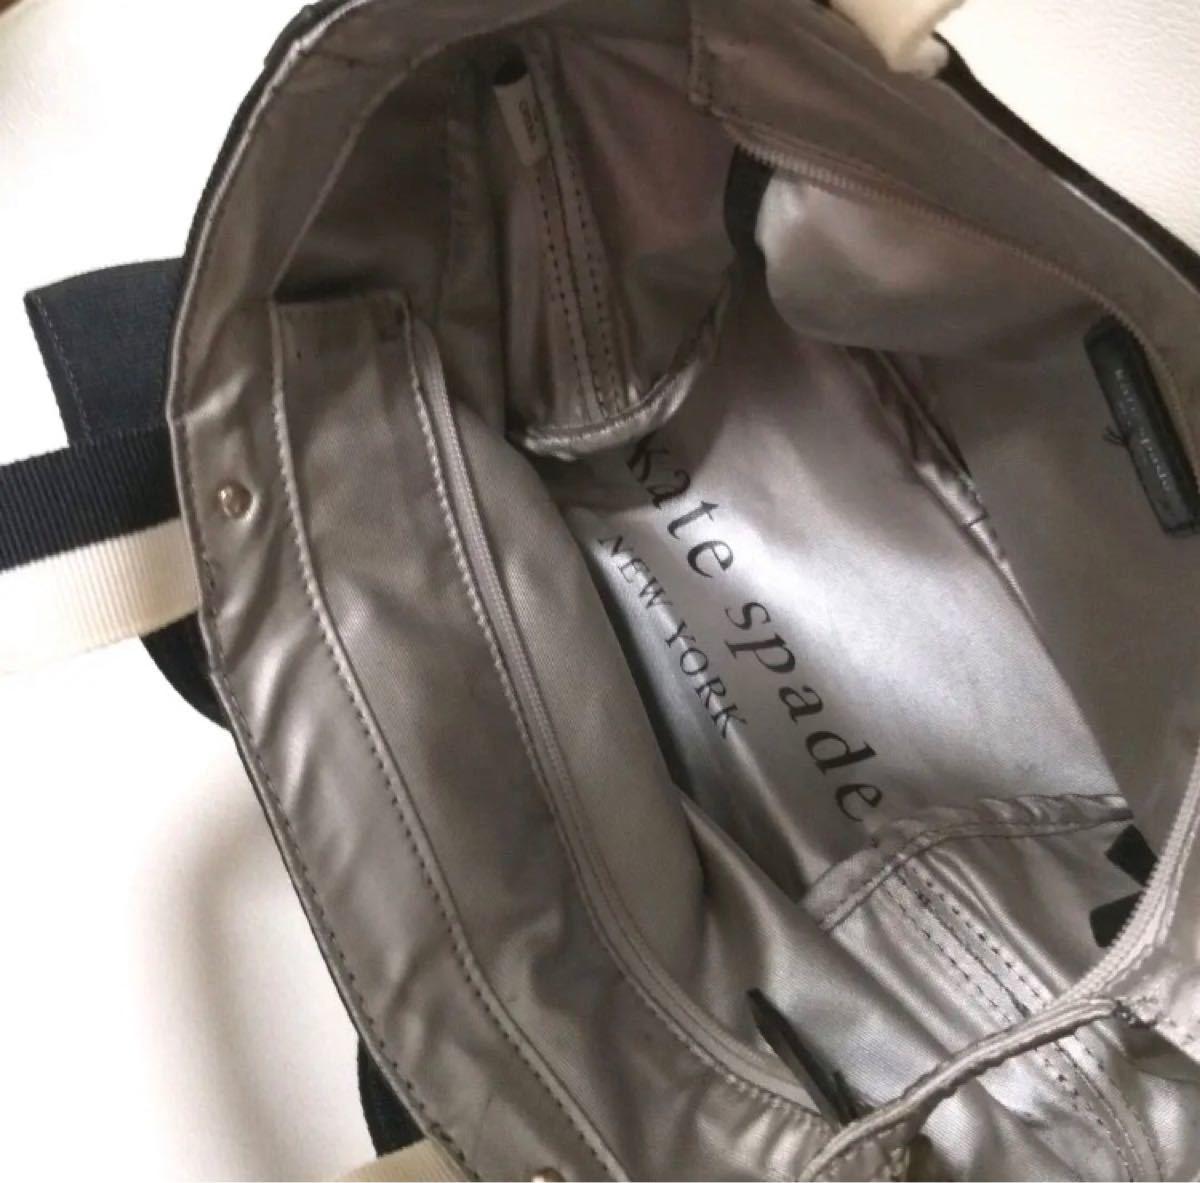 ケイトスペード 白黒 リボン トートバッグ ハンドバッグ 中古 難あり